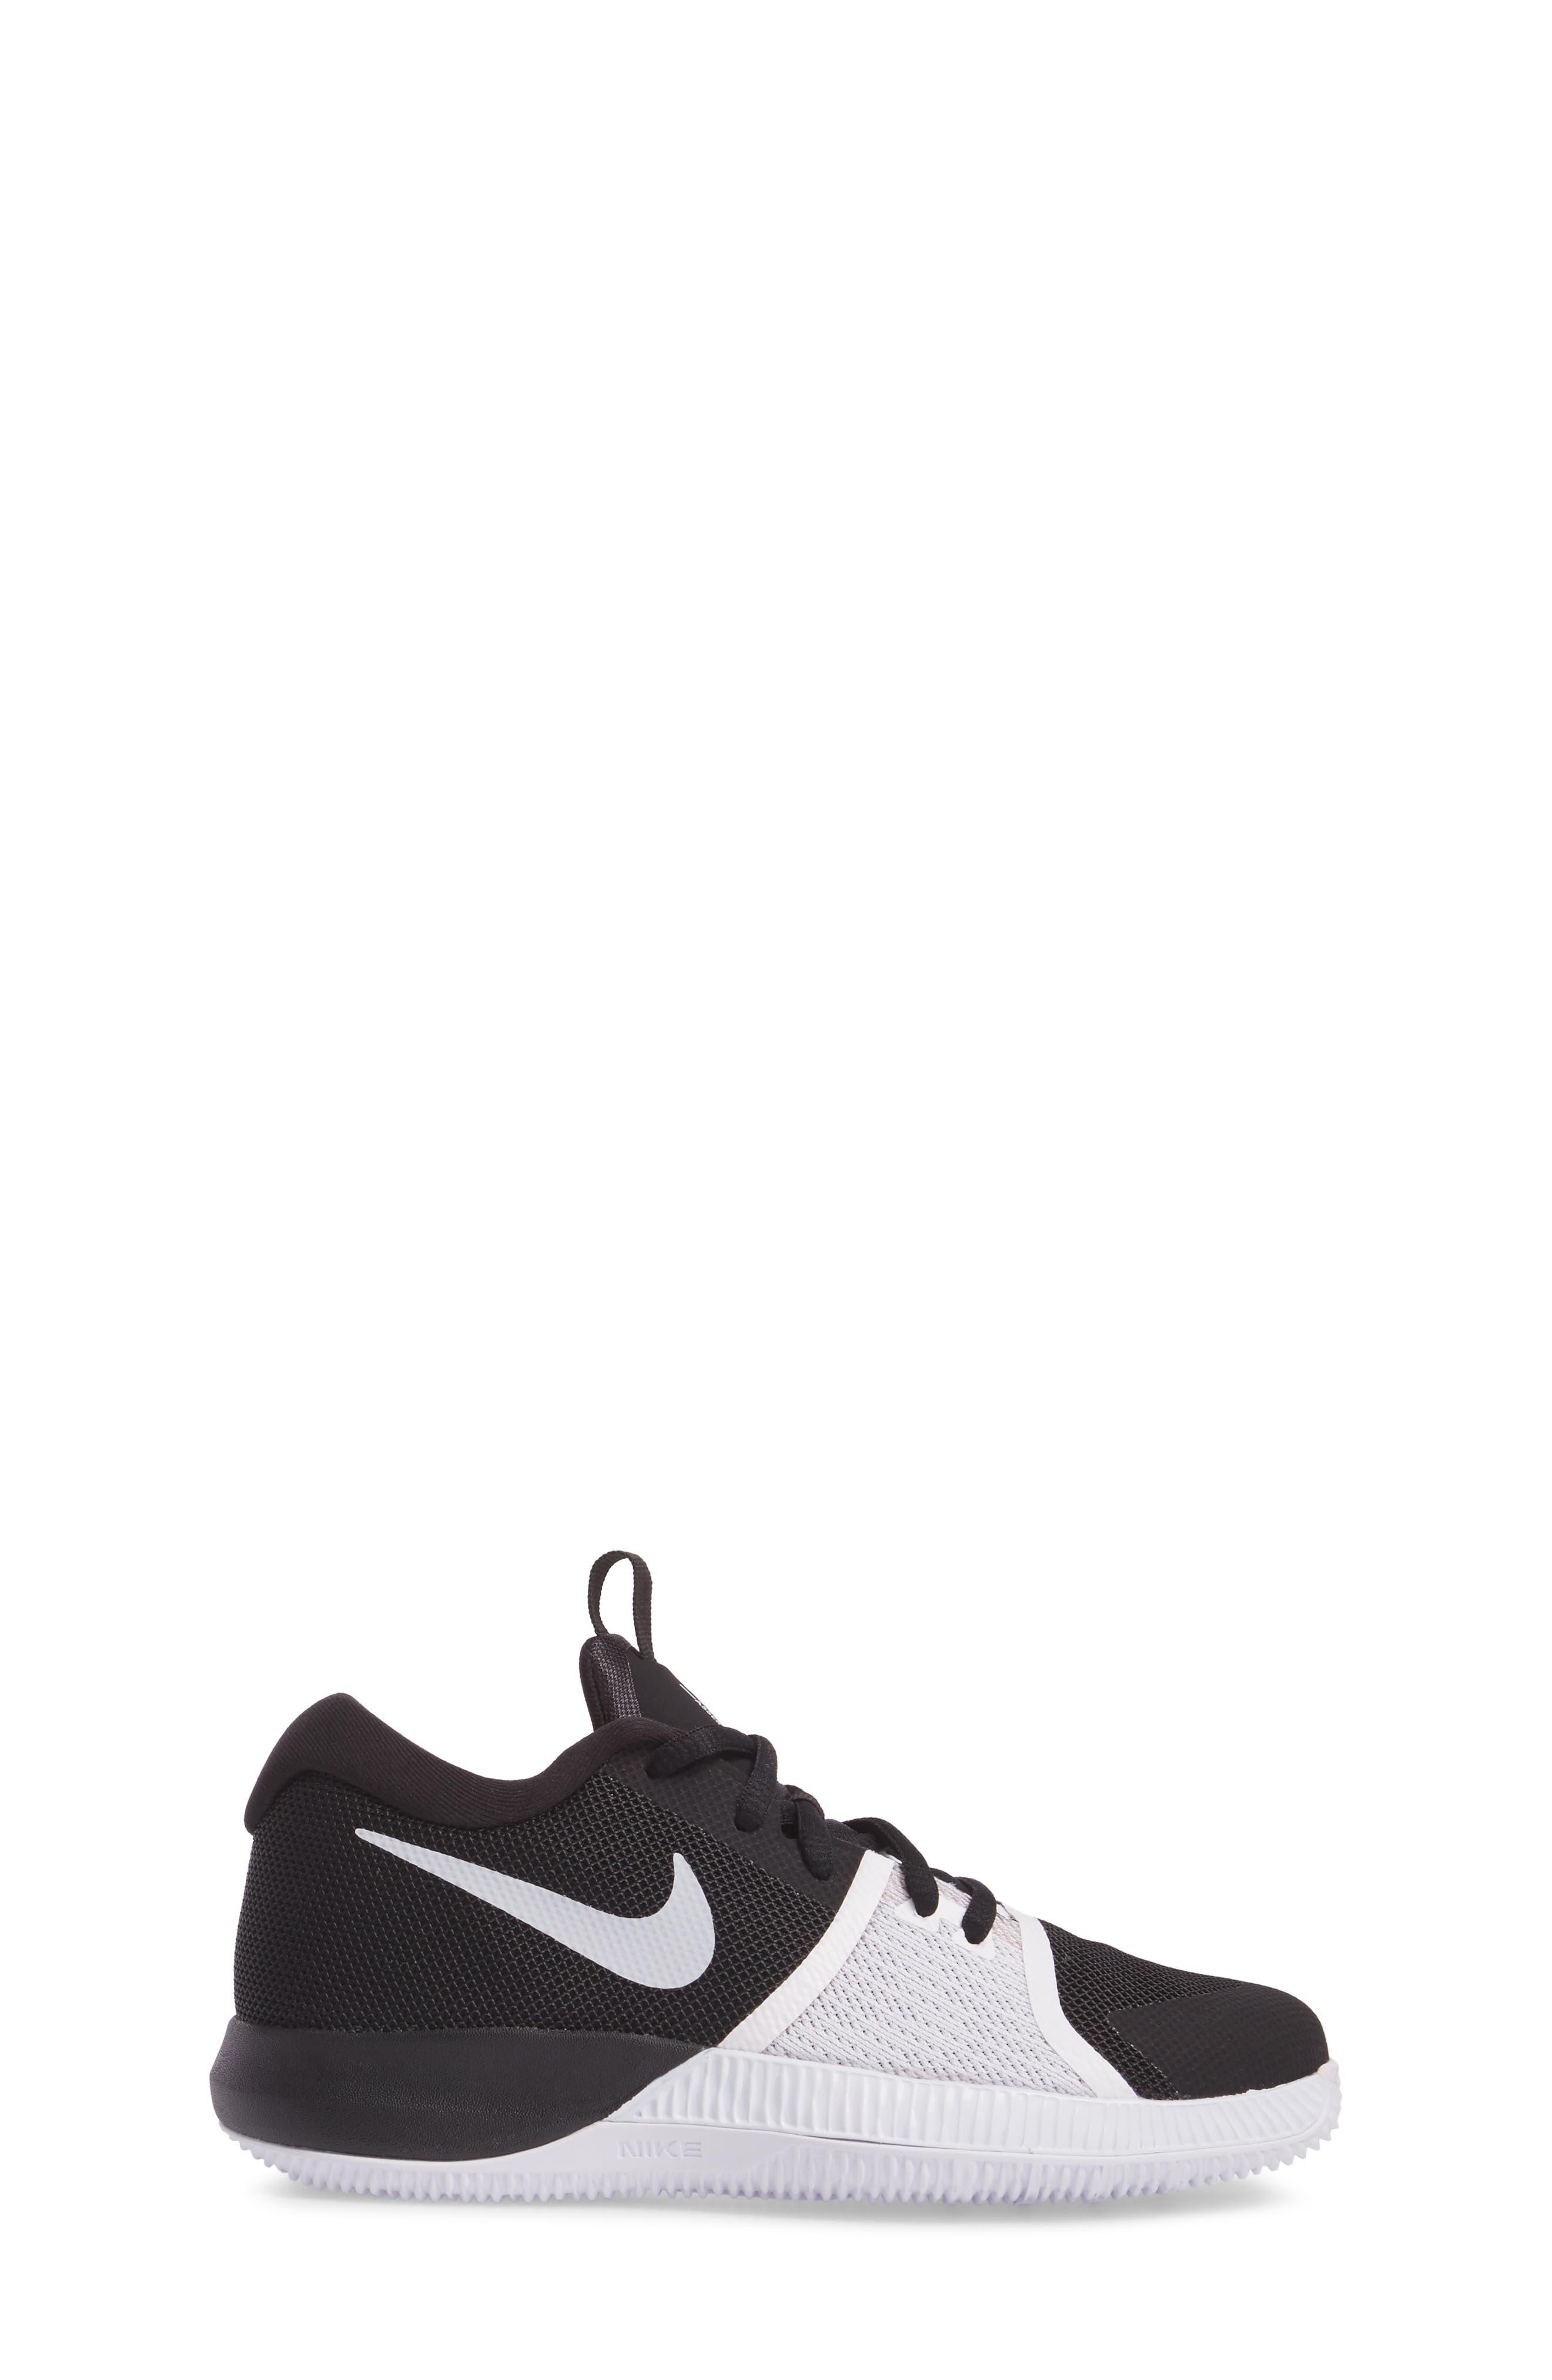 Assersion Sneaker,                             Alternate thumbnail 3, color,                             Black/ White